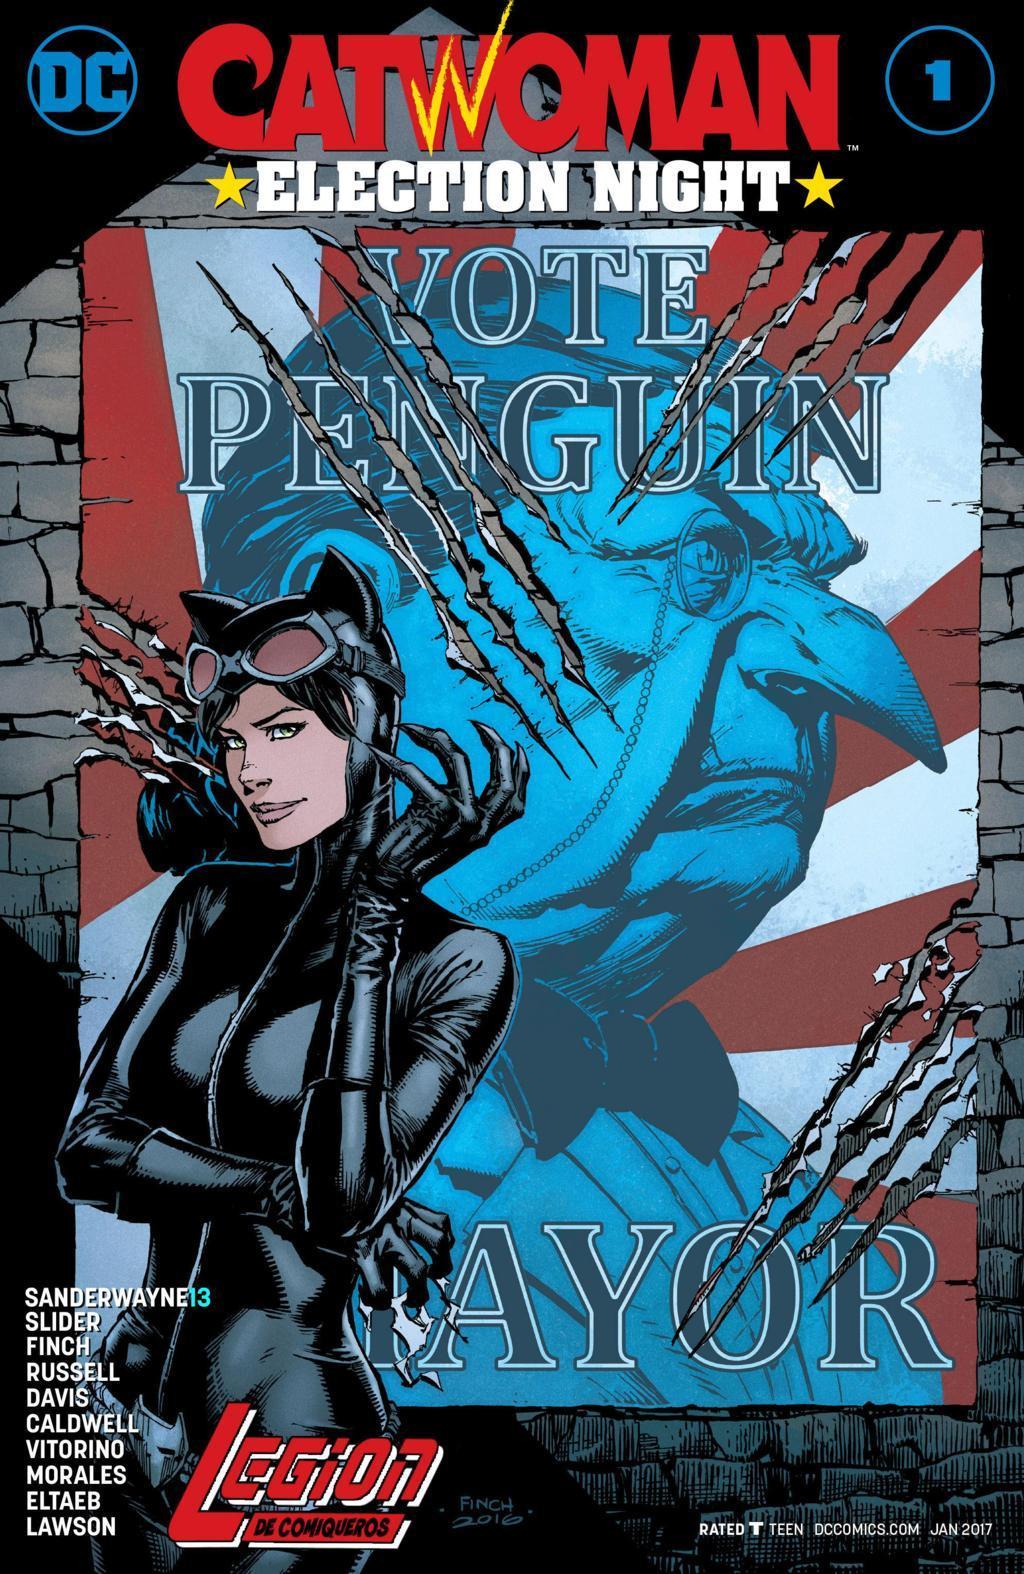 Catwoman - Noche de Eleccion